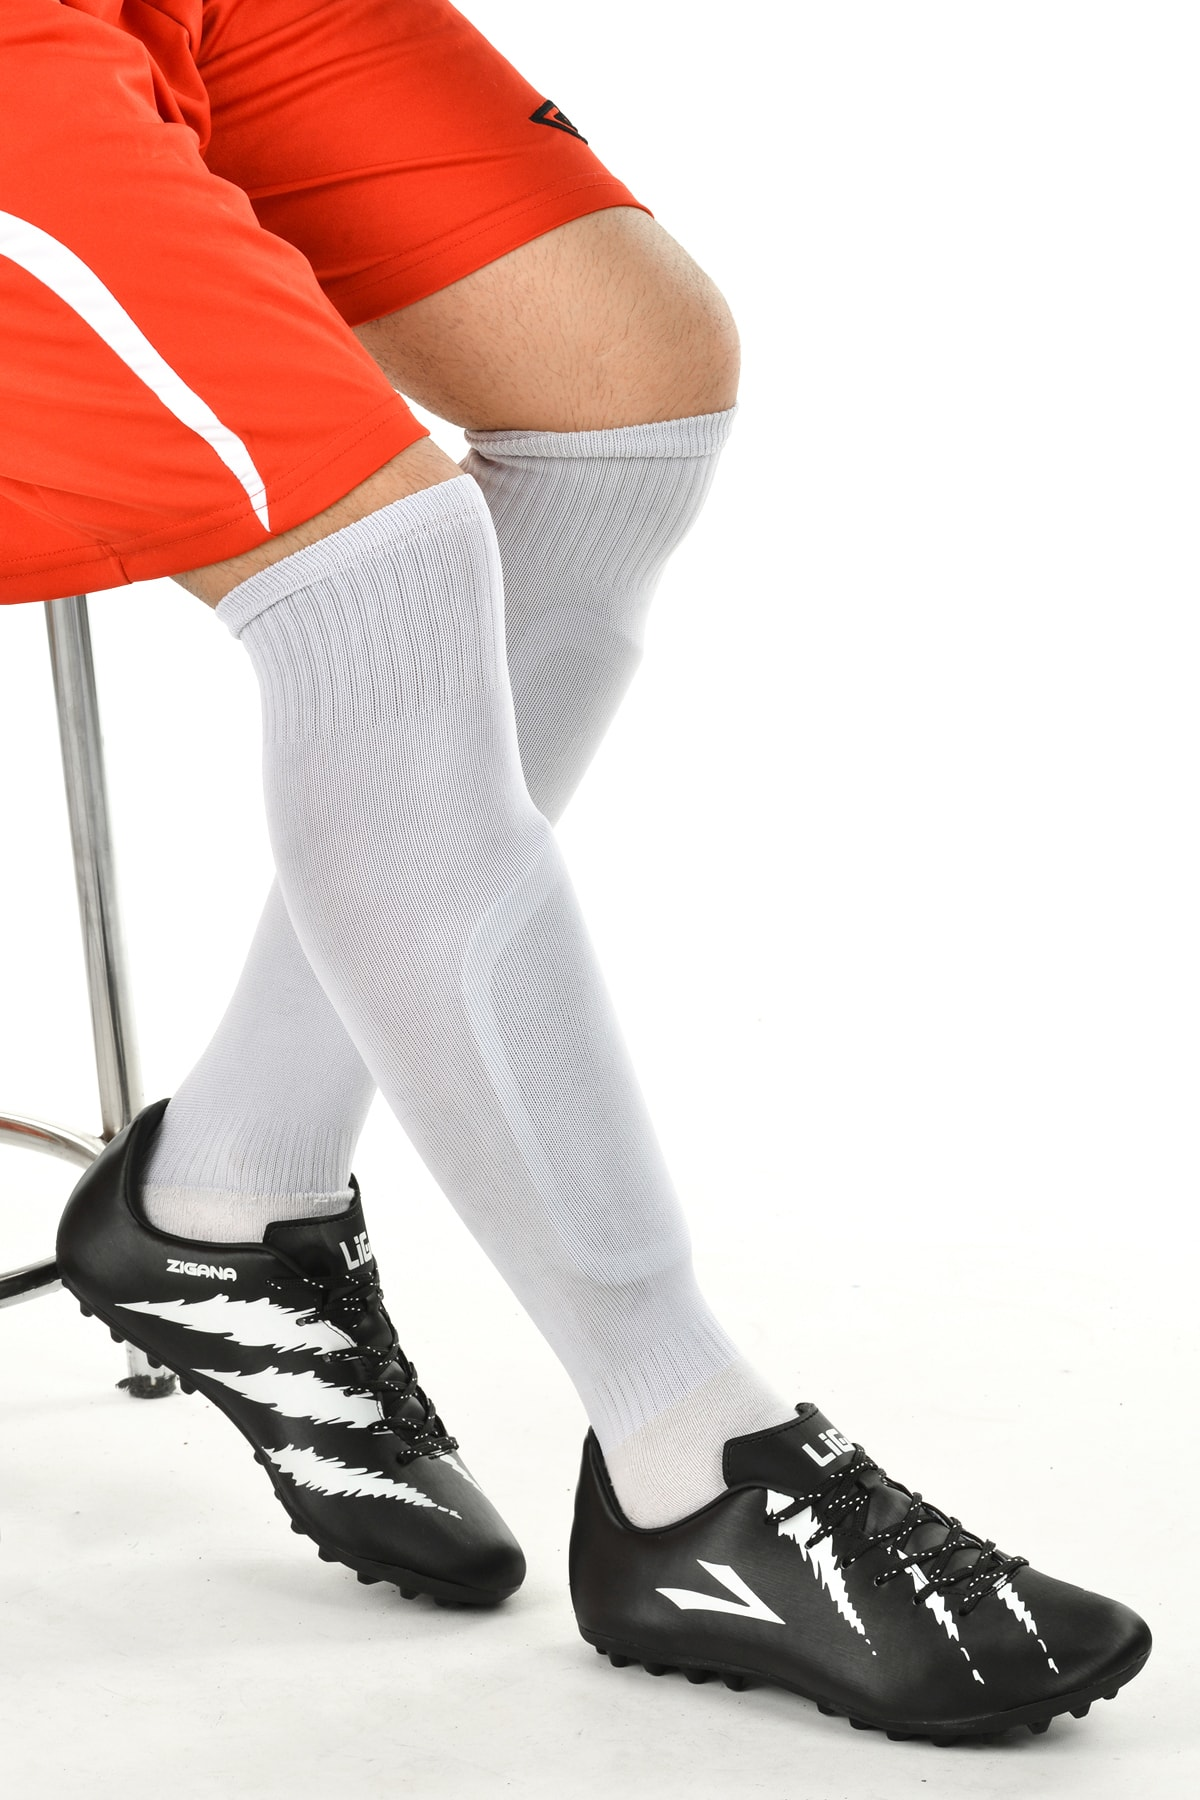 LIG Zigana Hm Halı Saha Erkek Spor Futbol Ayakkabısı 1